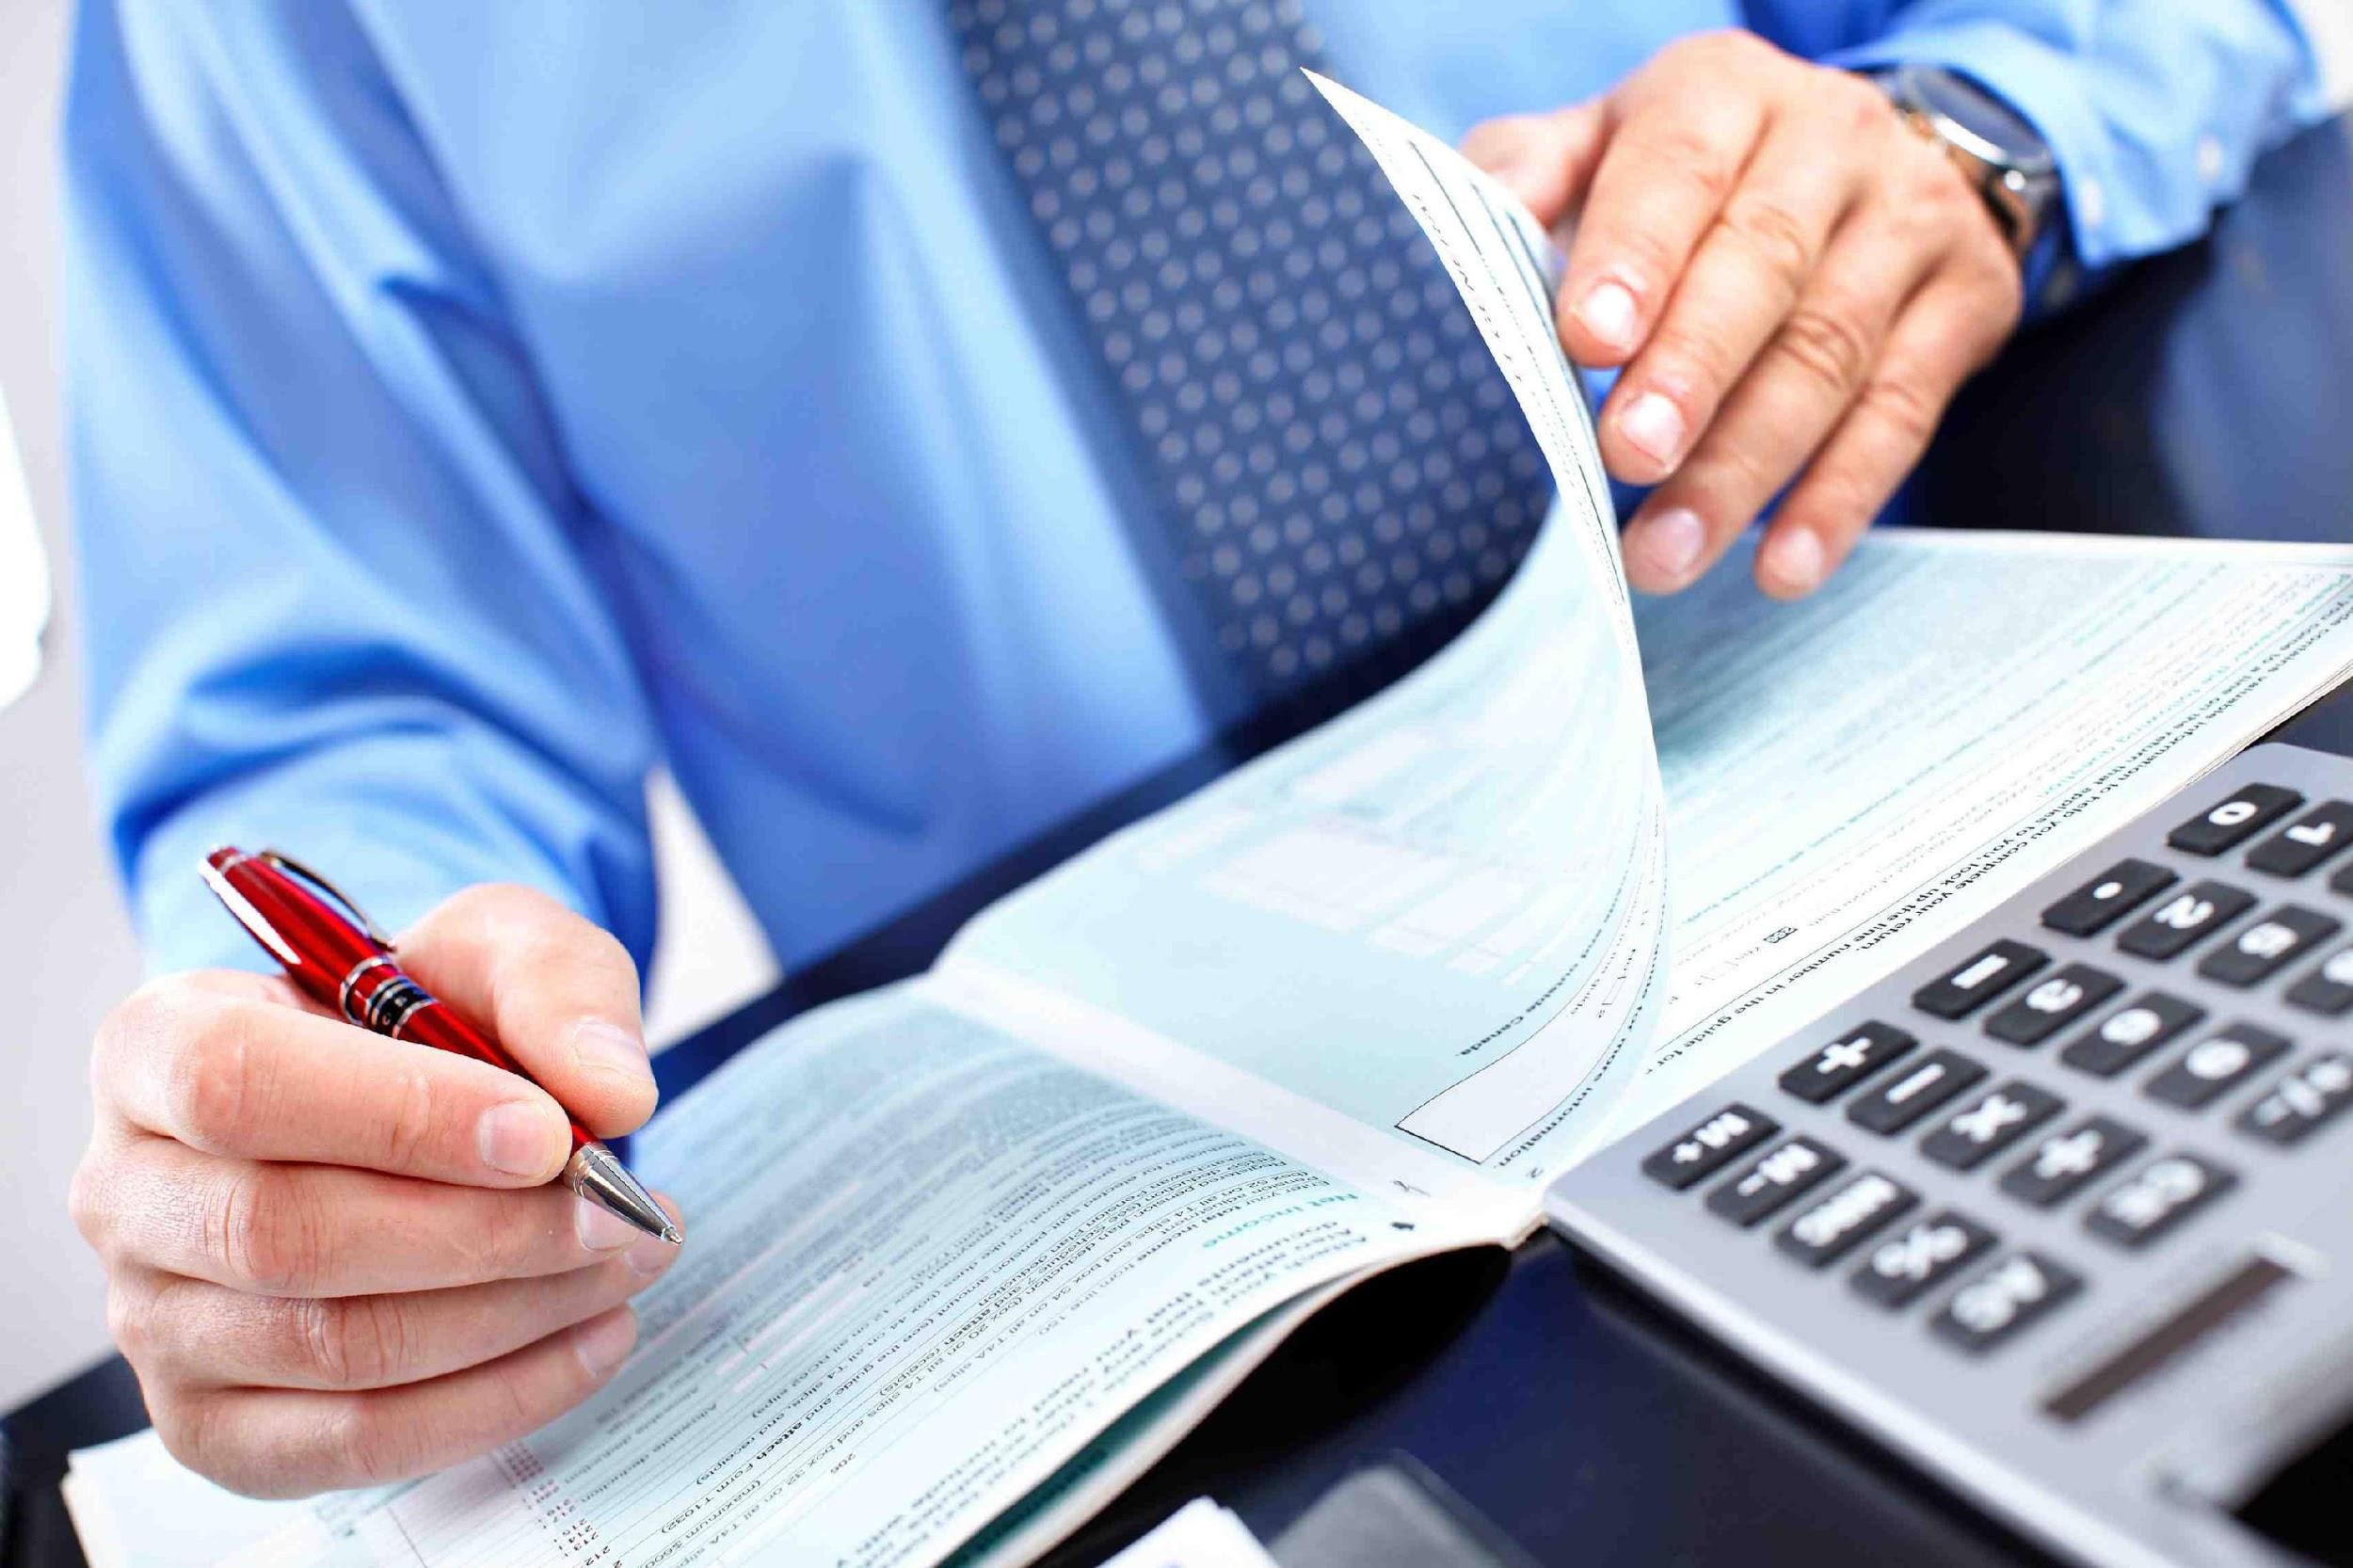 Por Que Preciso Contratar Uma Assessoria Contábil Para Abrir Minha Empresa?